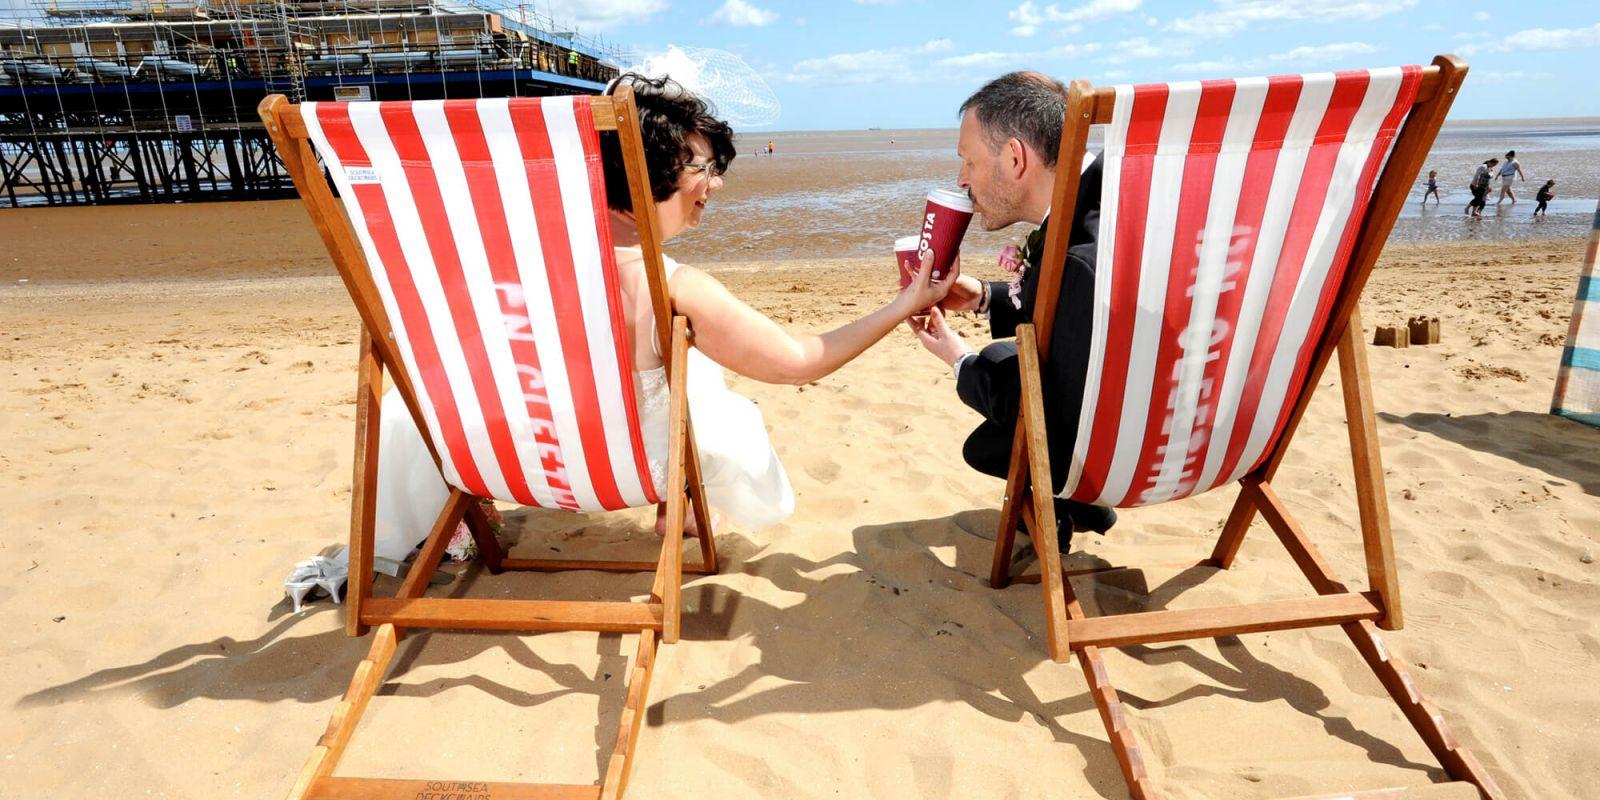 Lincolnshire beach deck chairs